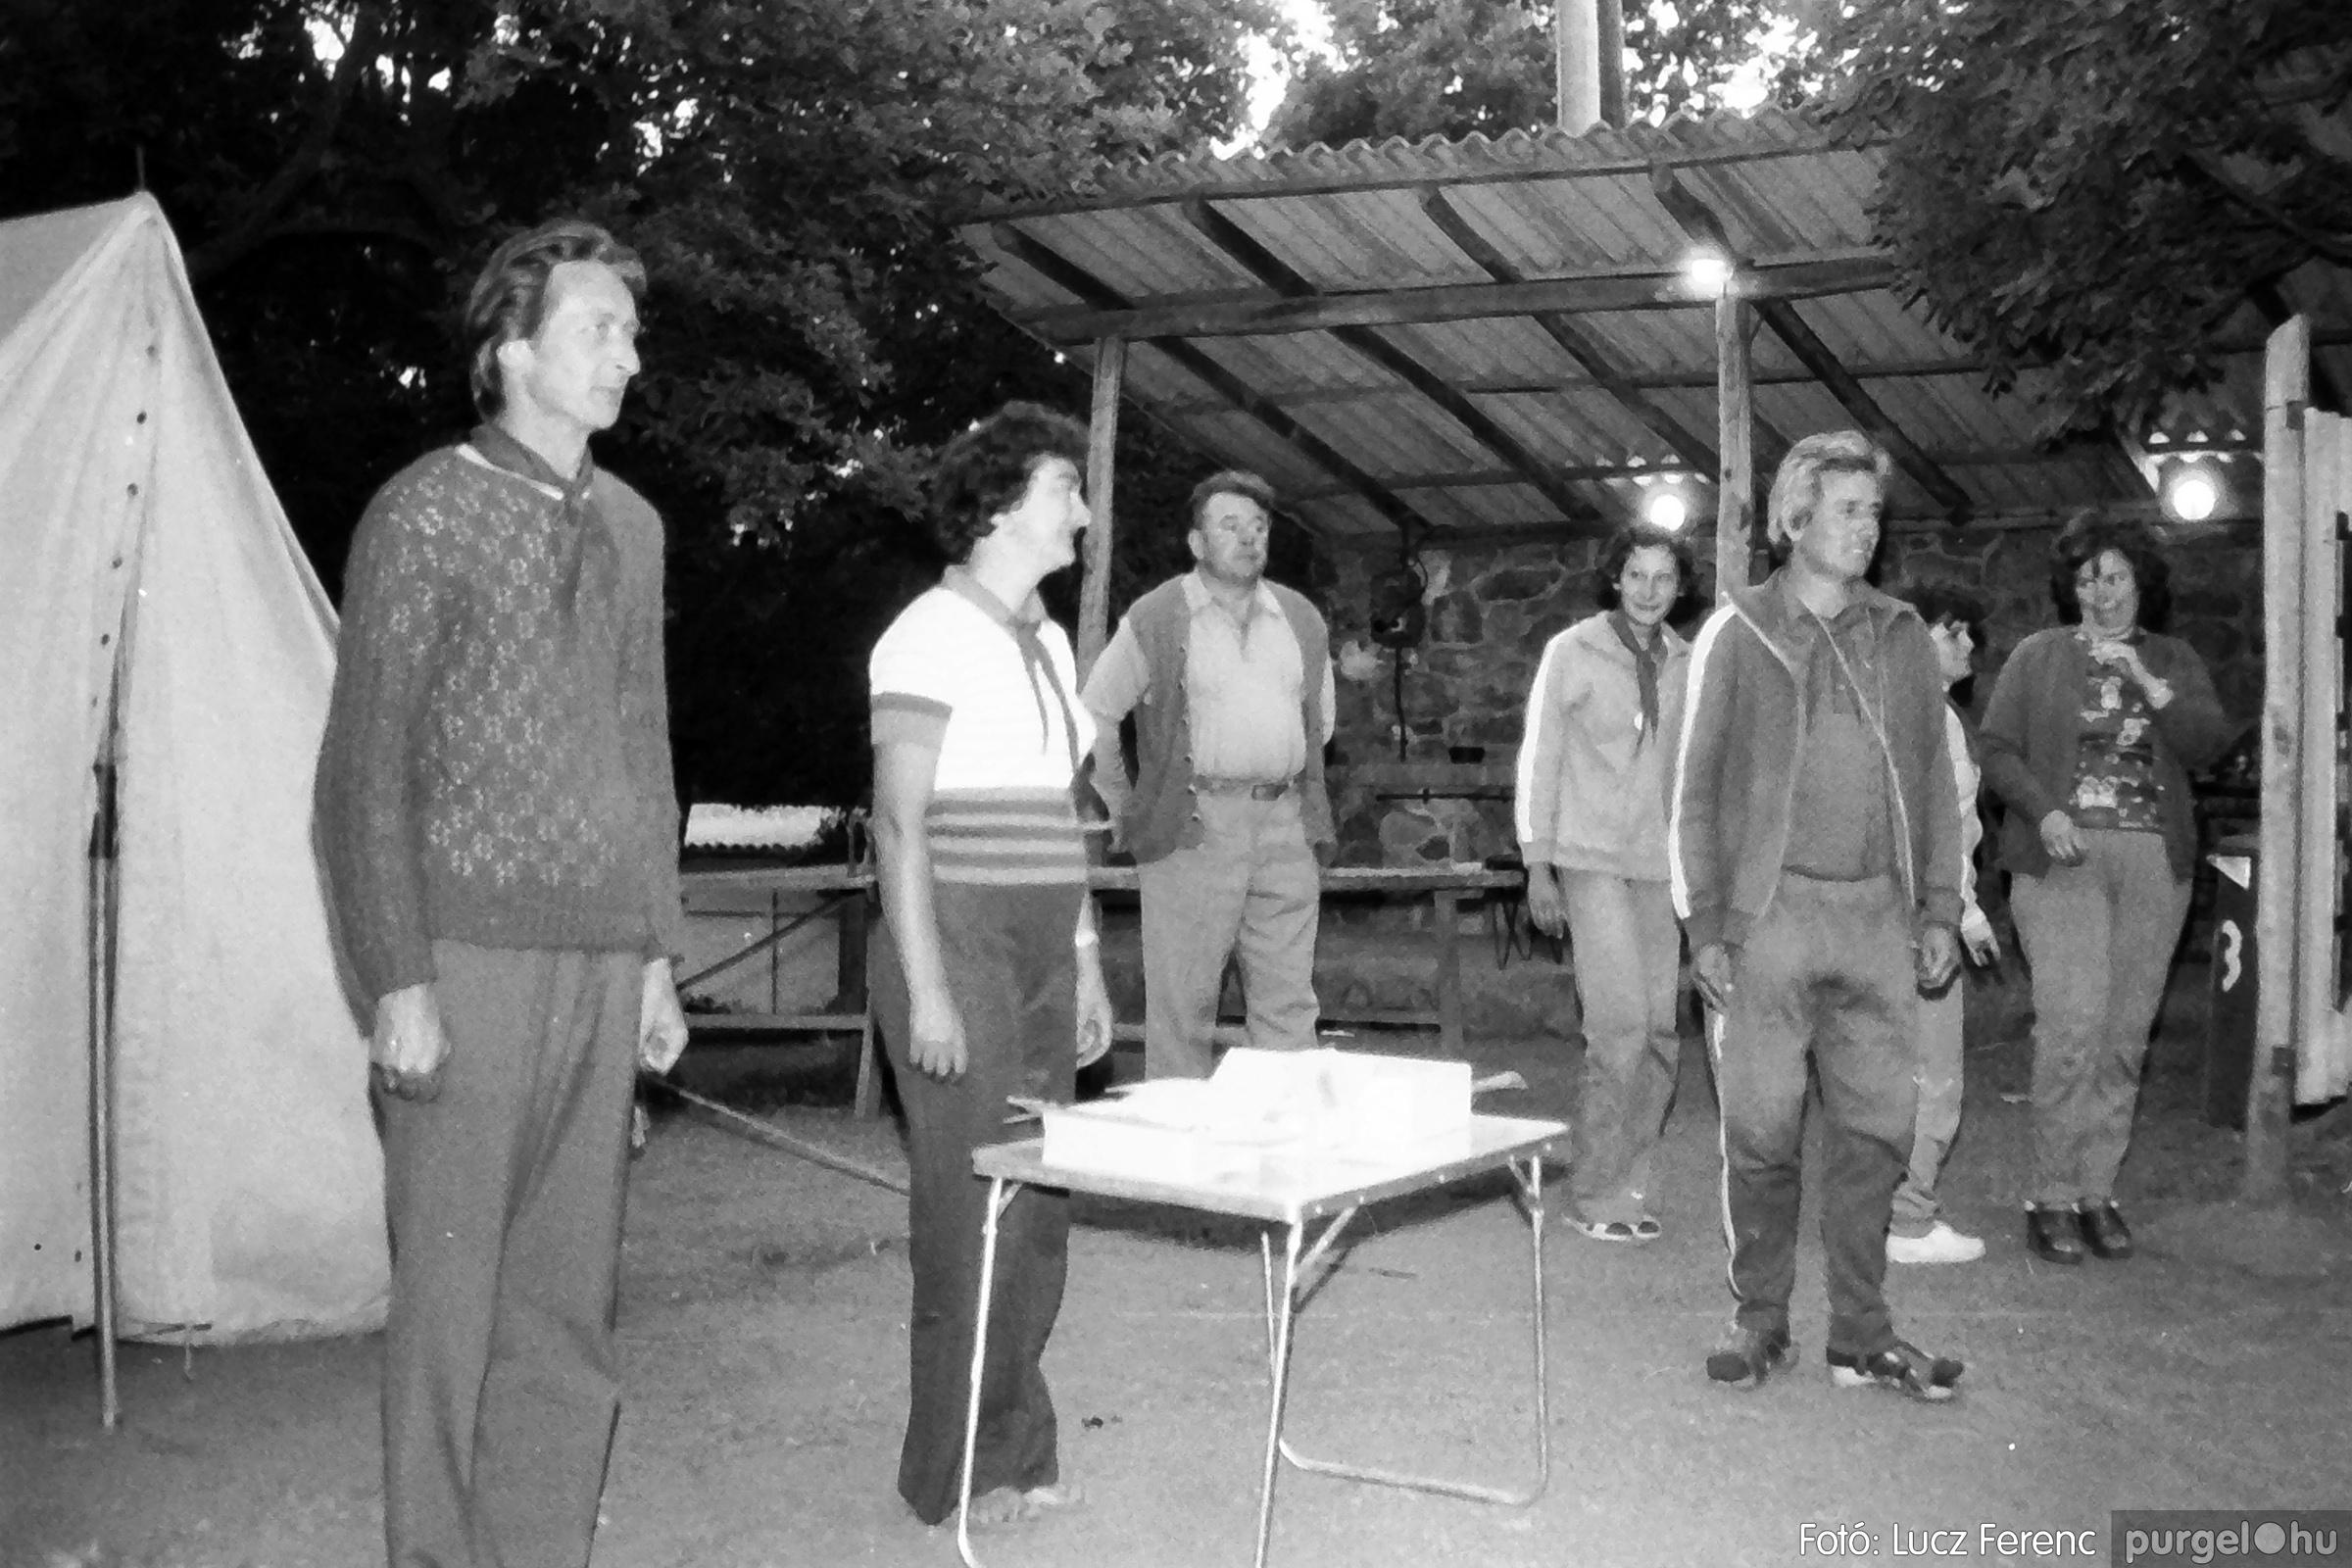 086, 088. 1977. Nyári tábor a Mátrában 057. - Fotó: Lucz Ferenc.jpg